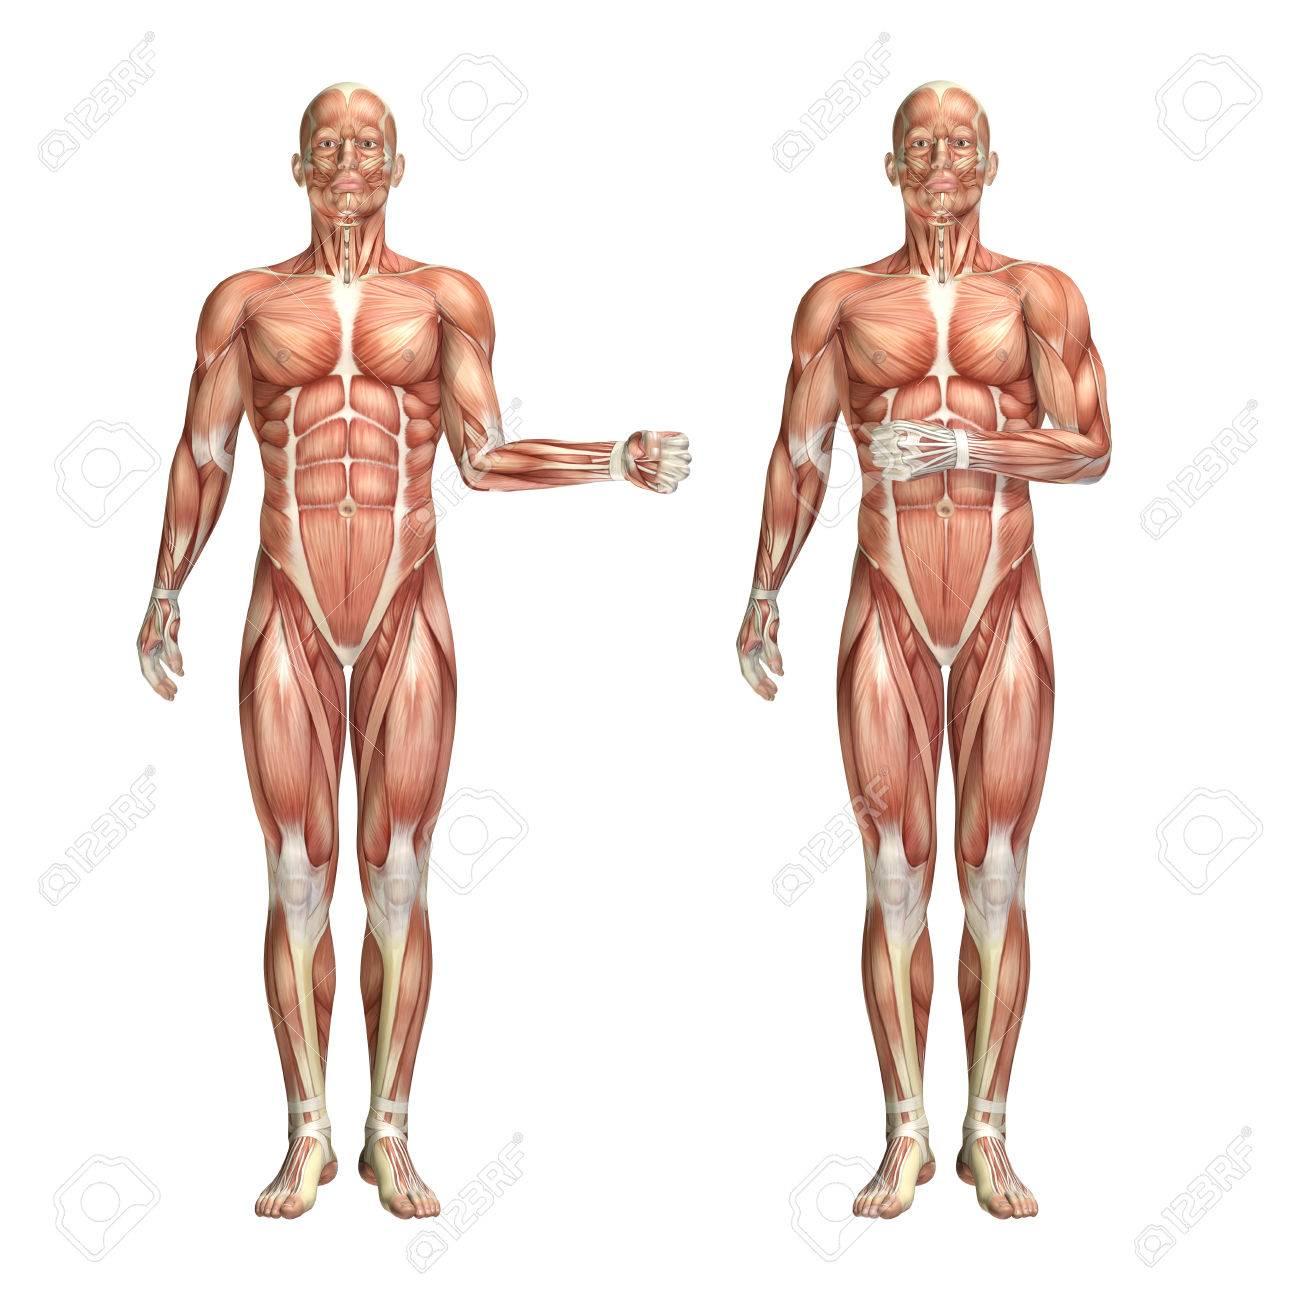 3D Render Of A Medical Figure Showing Shoulder External And Internal ...